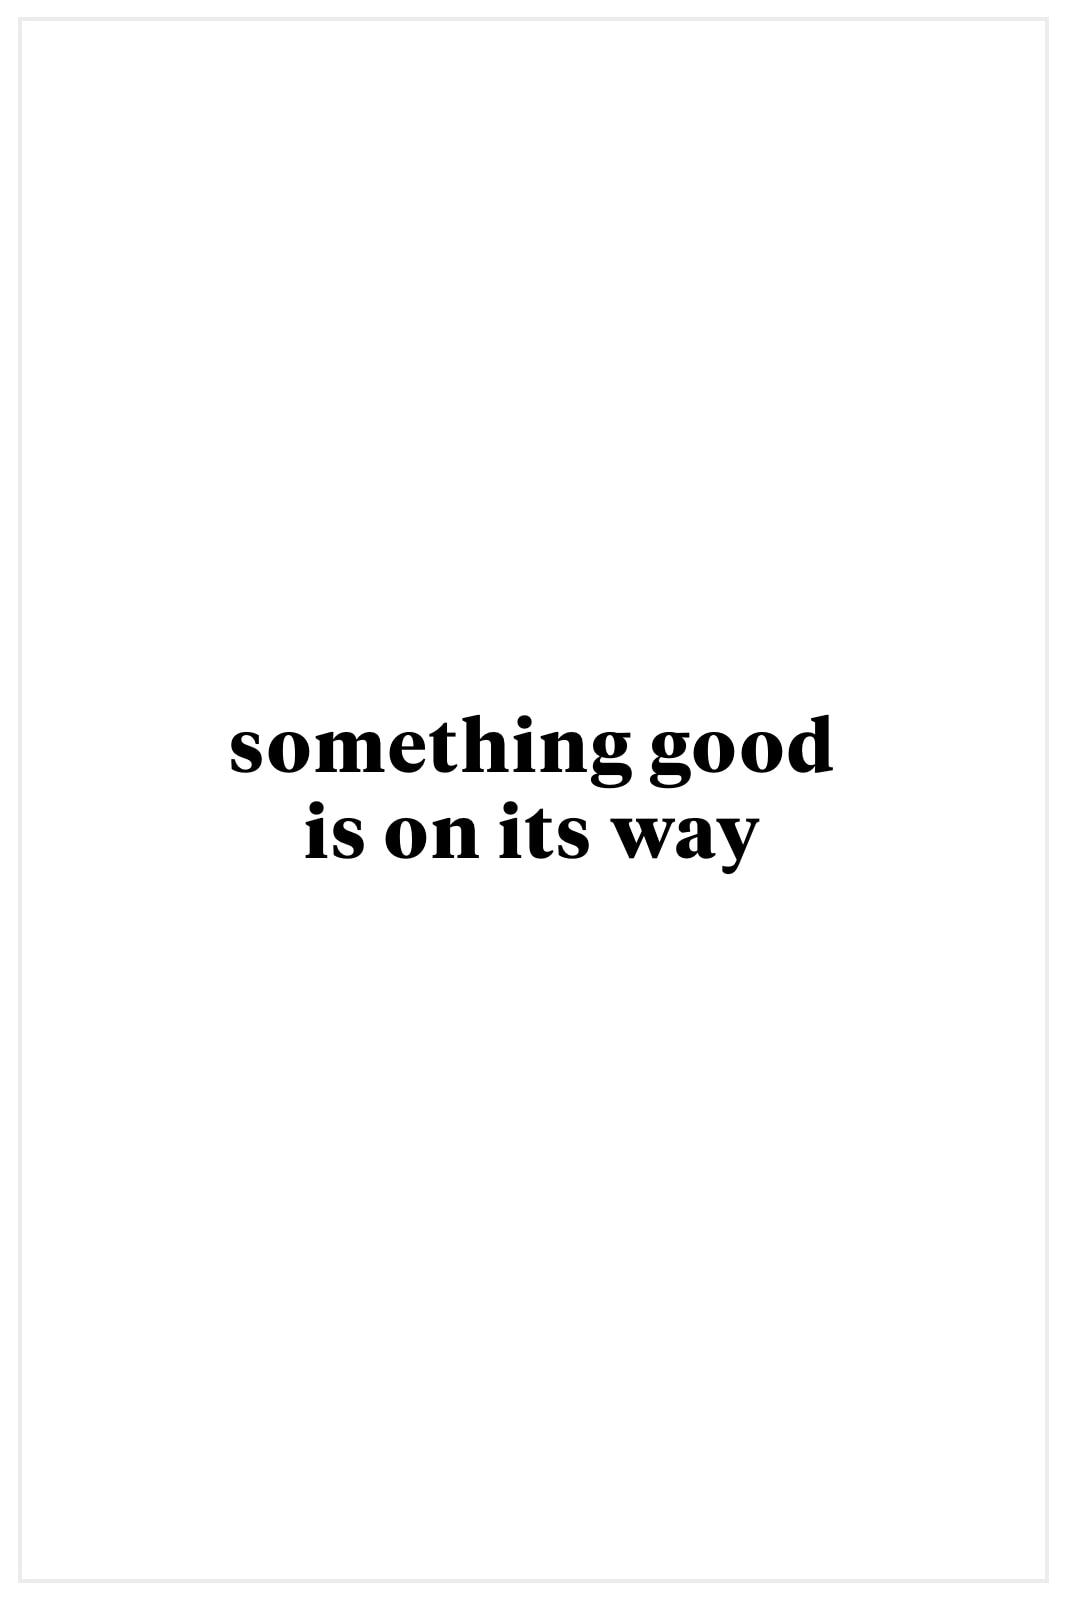 Peyton jensen Hallie Leopard Pleated Skirt